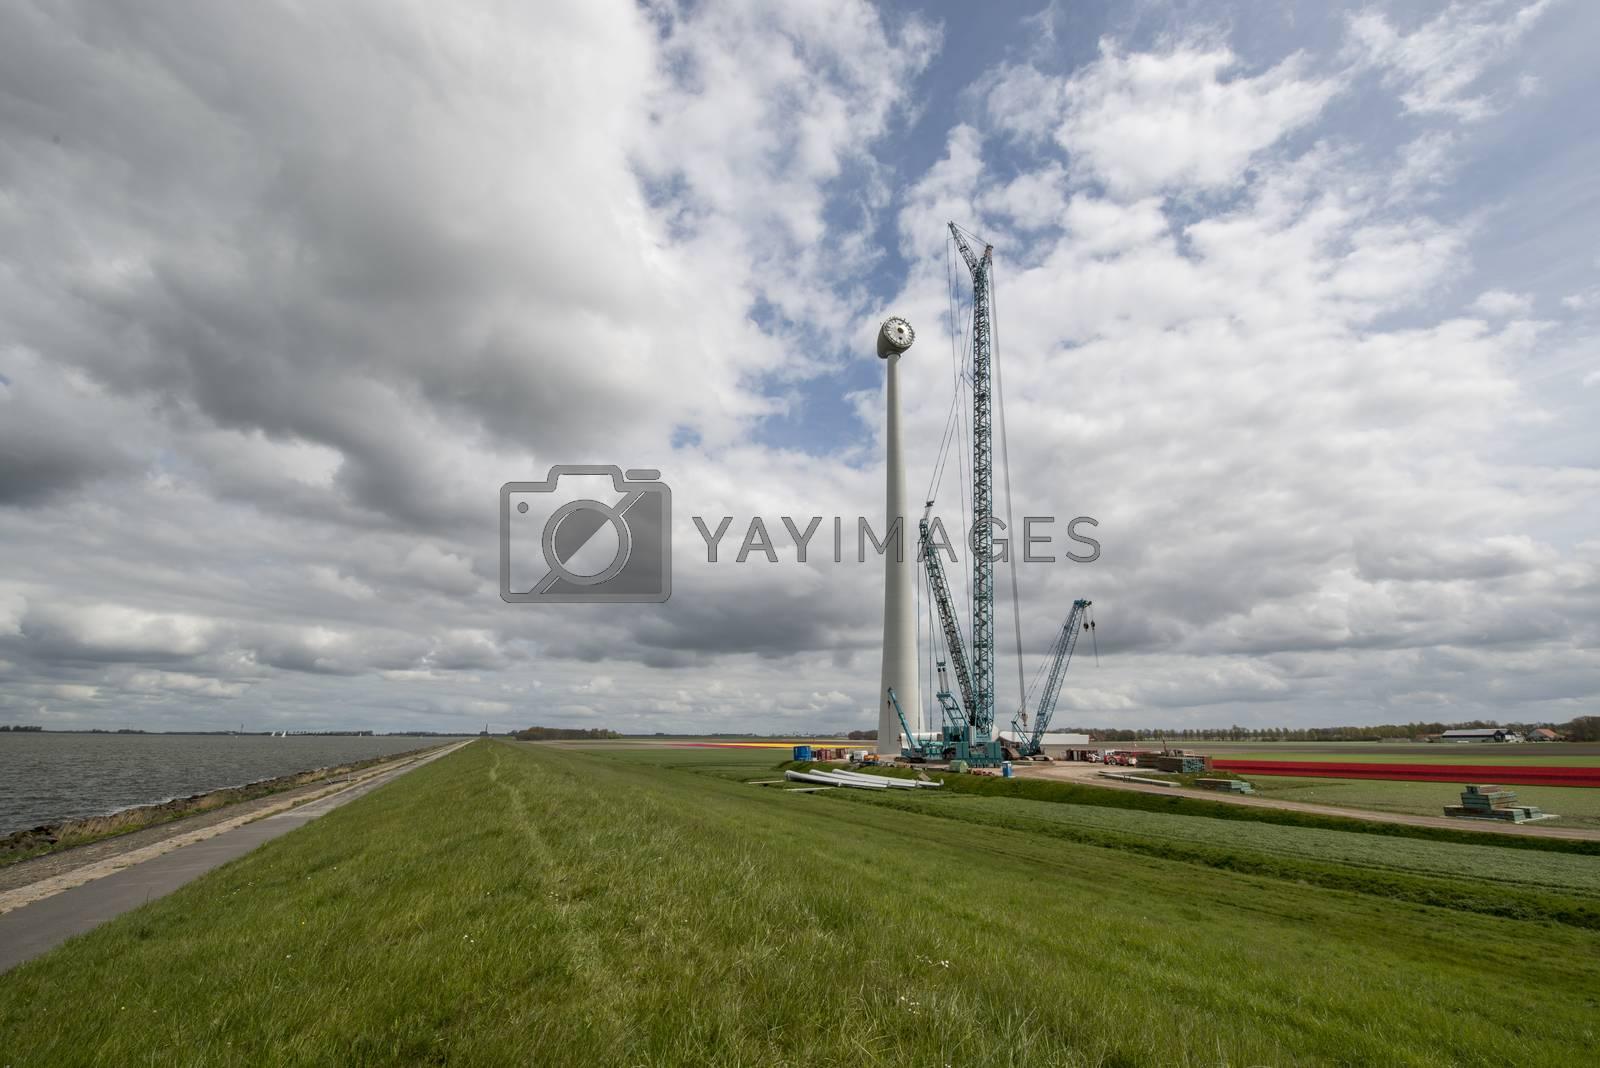 Construction of a modern windmill in the Noordoostpolder near the dyke of the IJsselmeer in Netherlands